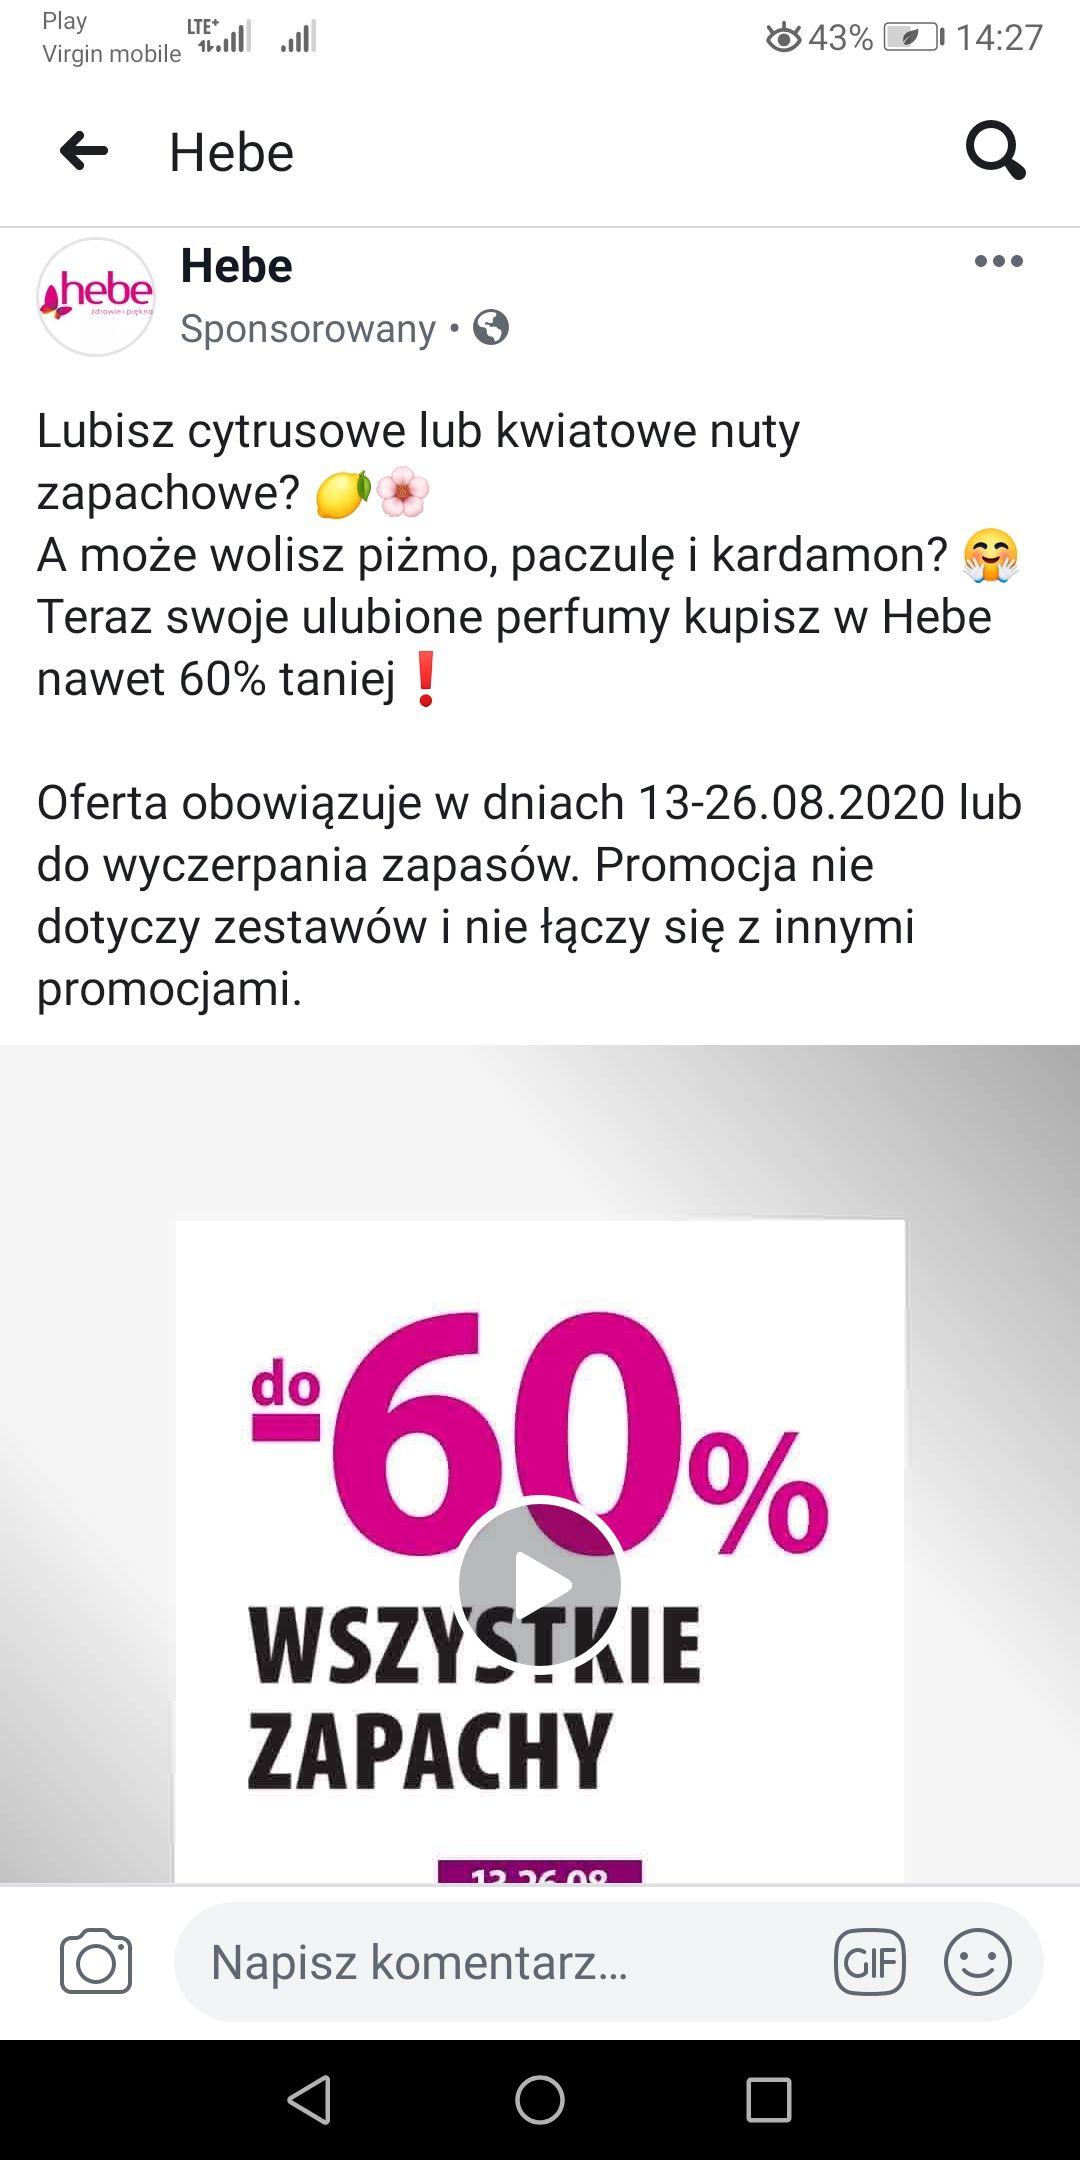 HEBE - perfumy do -60%